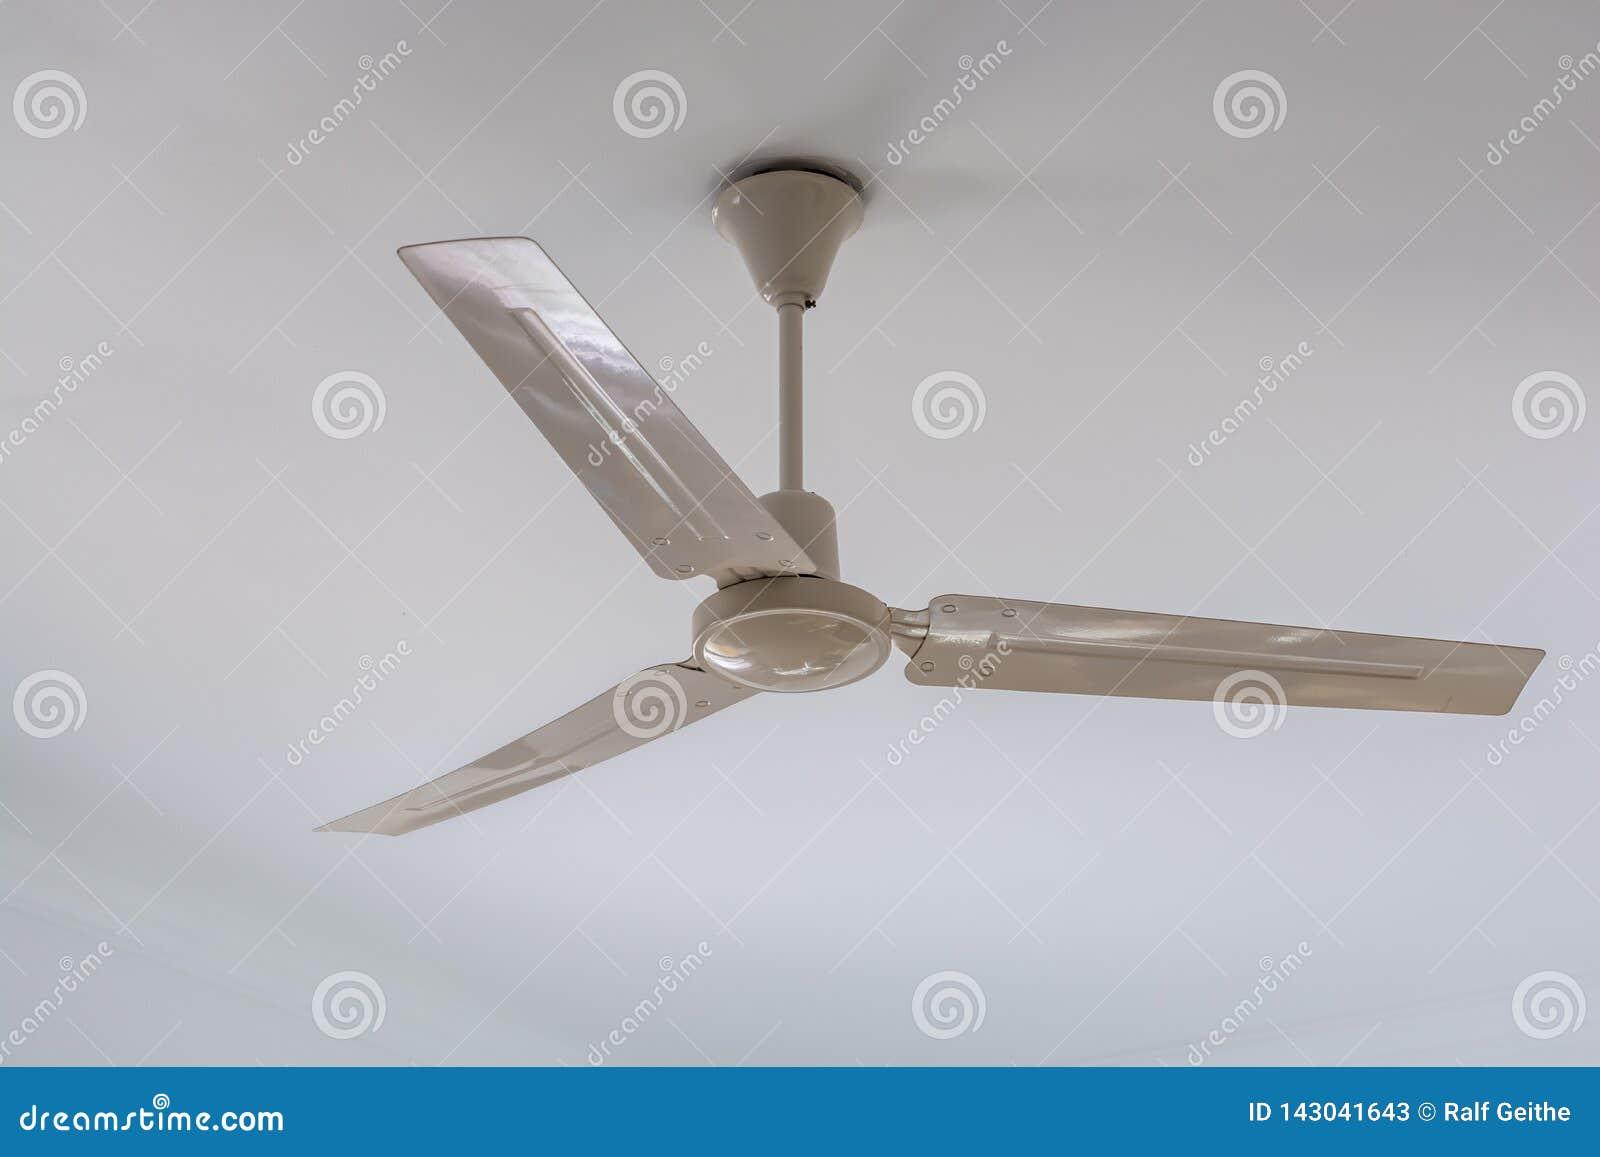 Biały podsufitowy fan na białym suficie